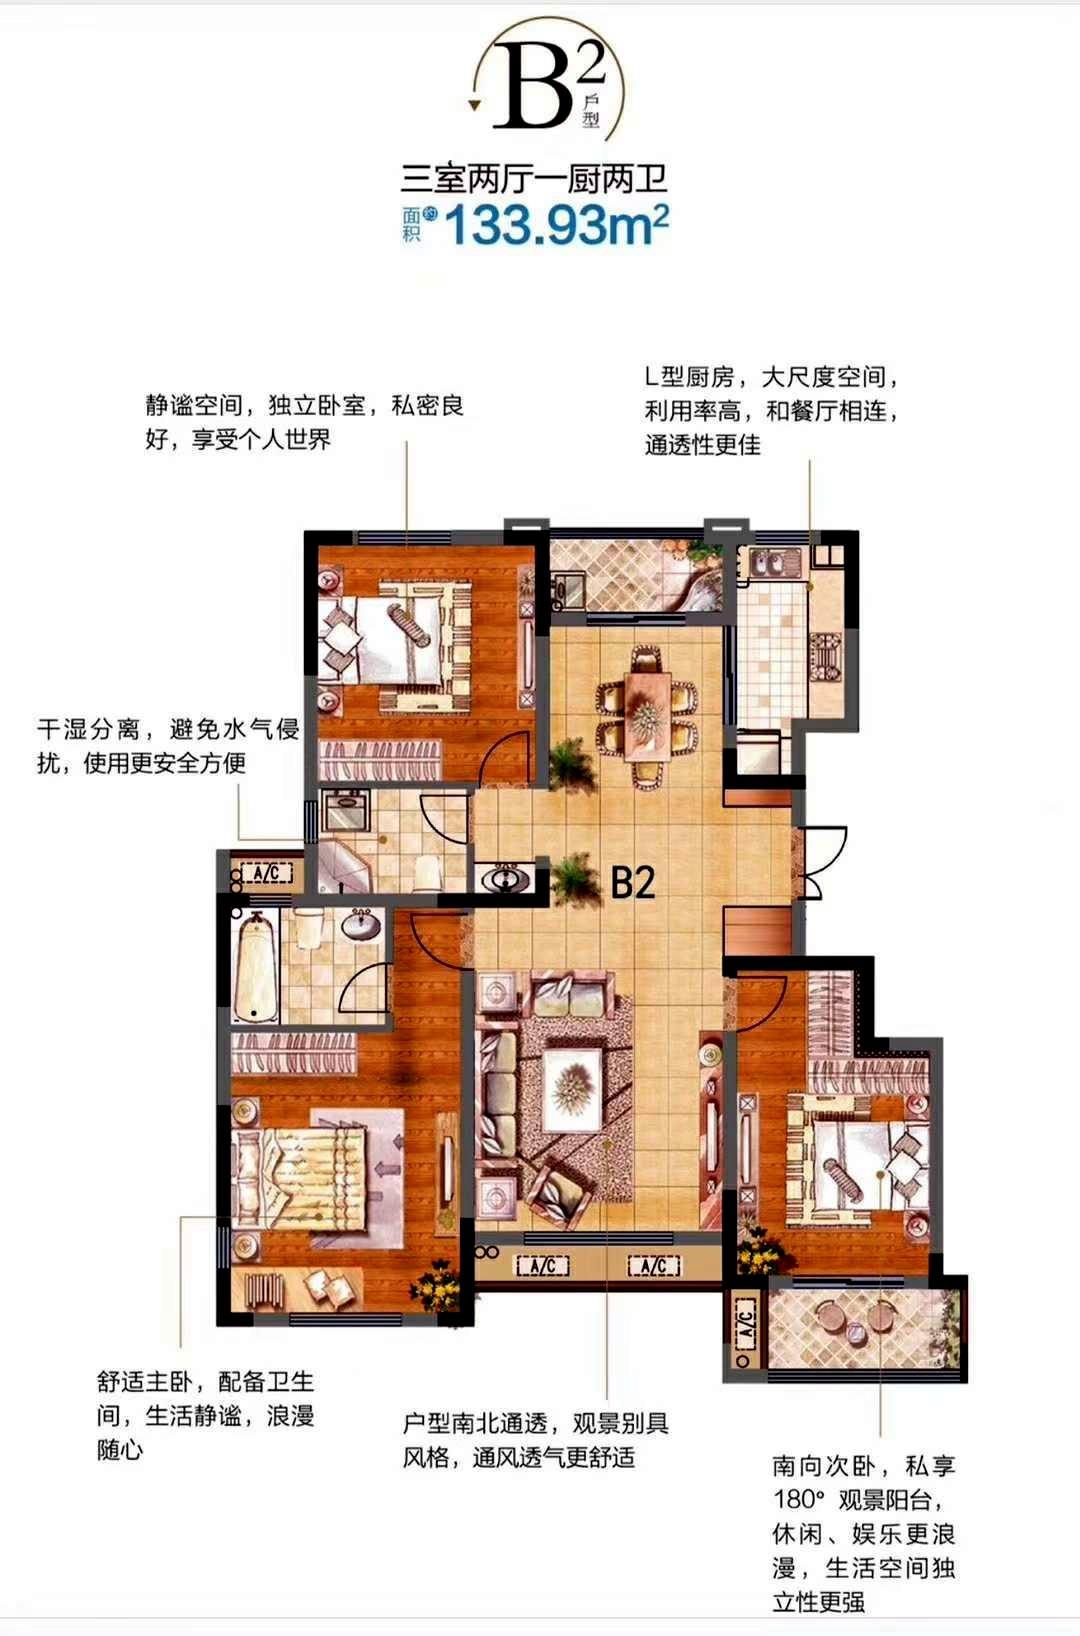 国信上城学府二期B2' 户型(约133.93㎡)